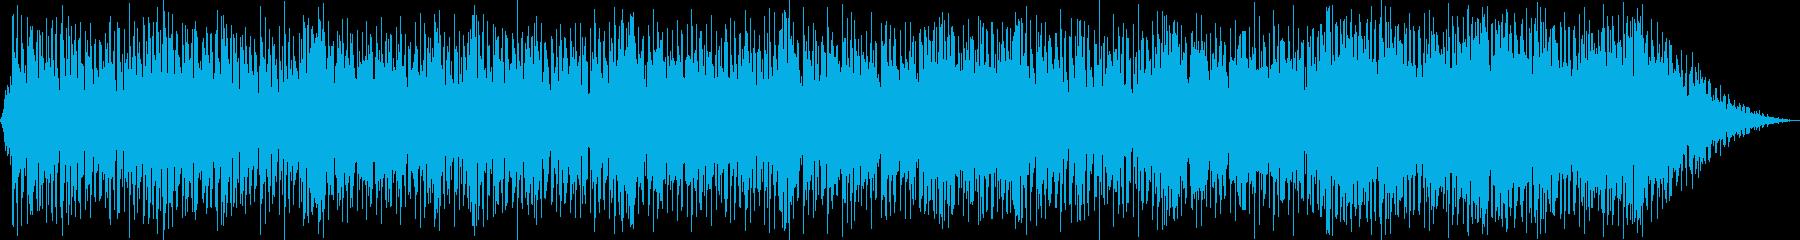 感動的で、ピアノをベースにした、バ...の再生済みの波形